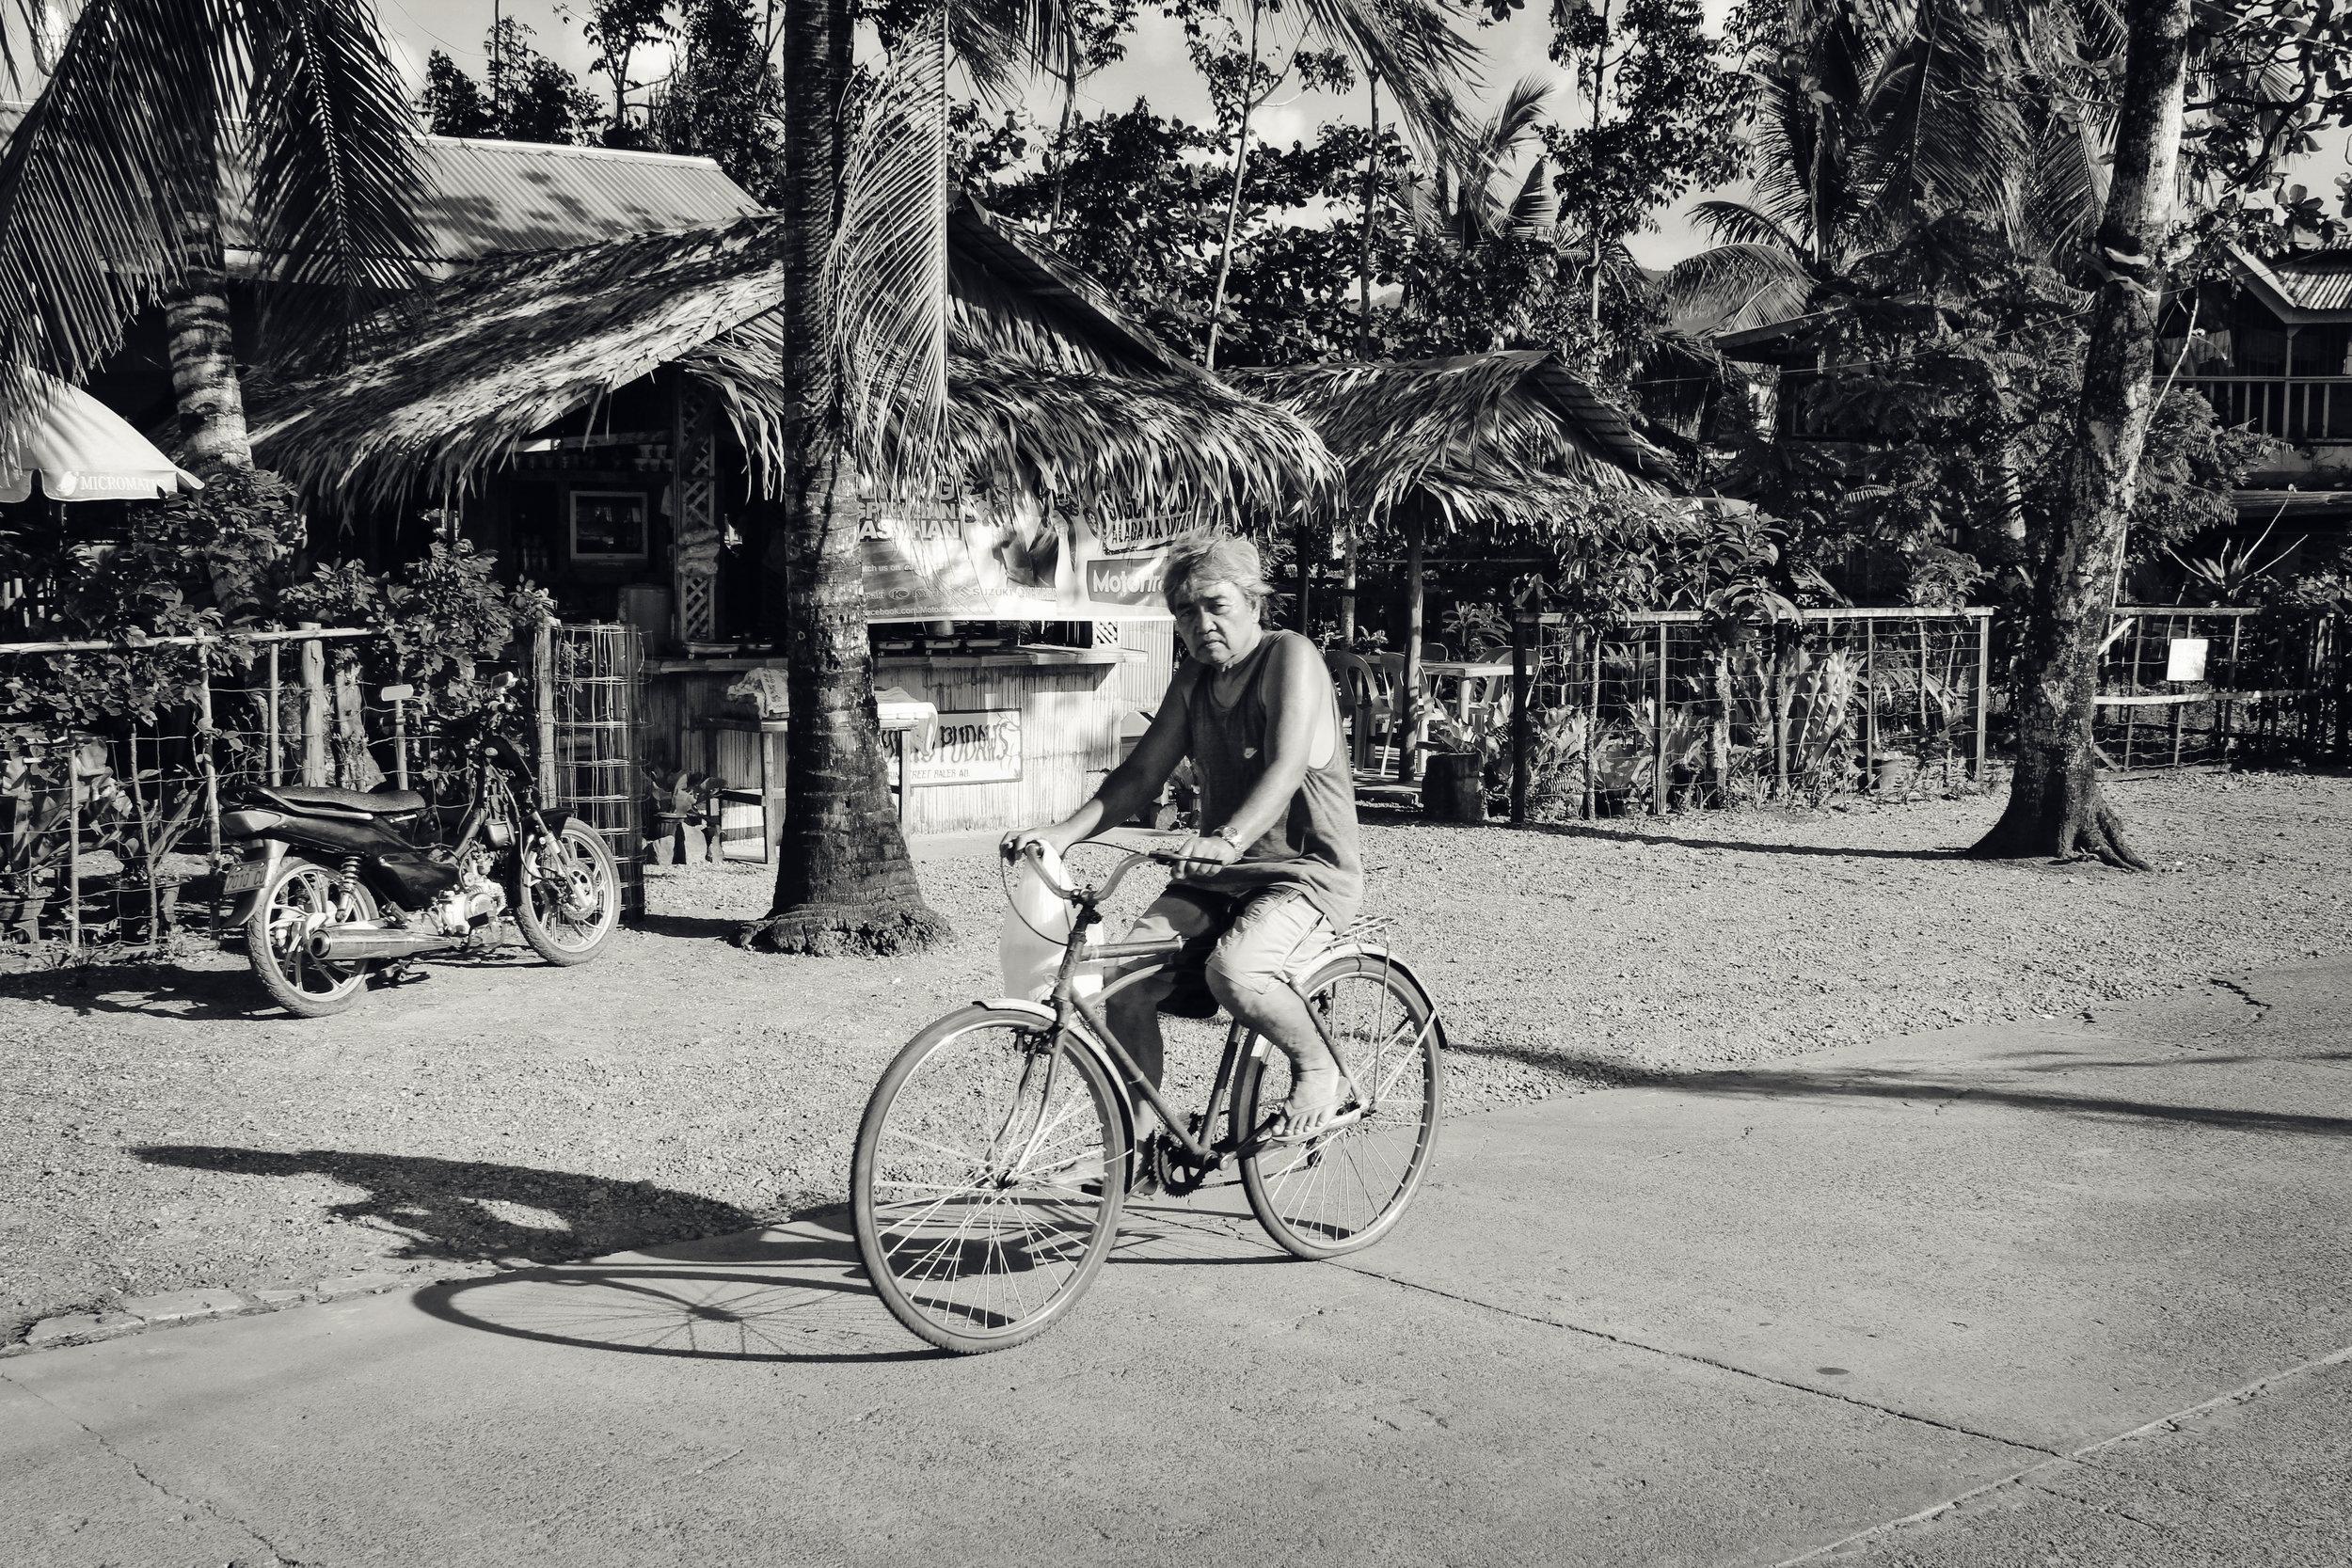 Philippino Man on Bike.jpg